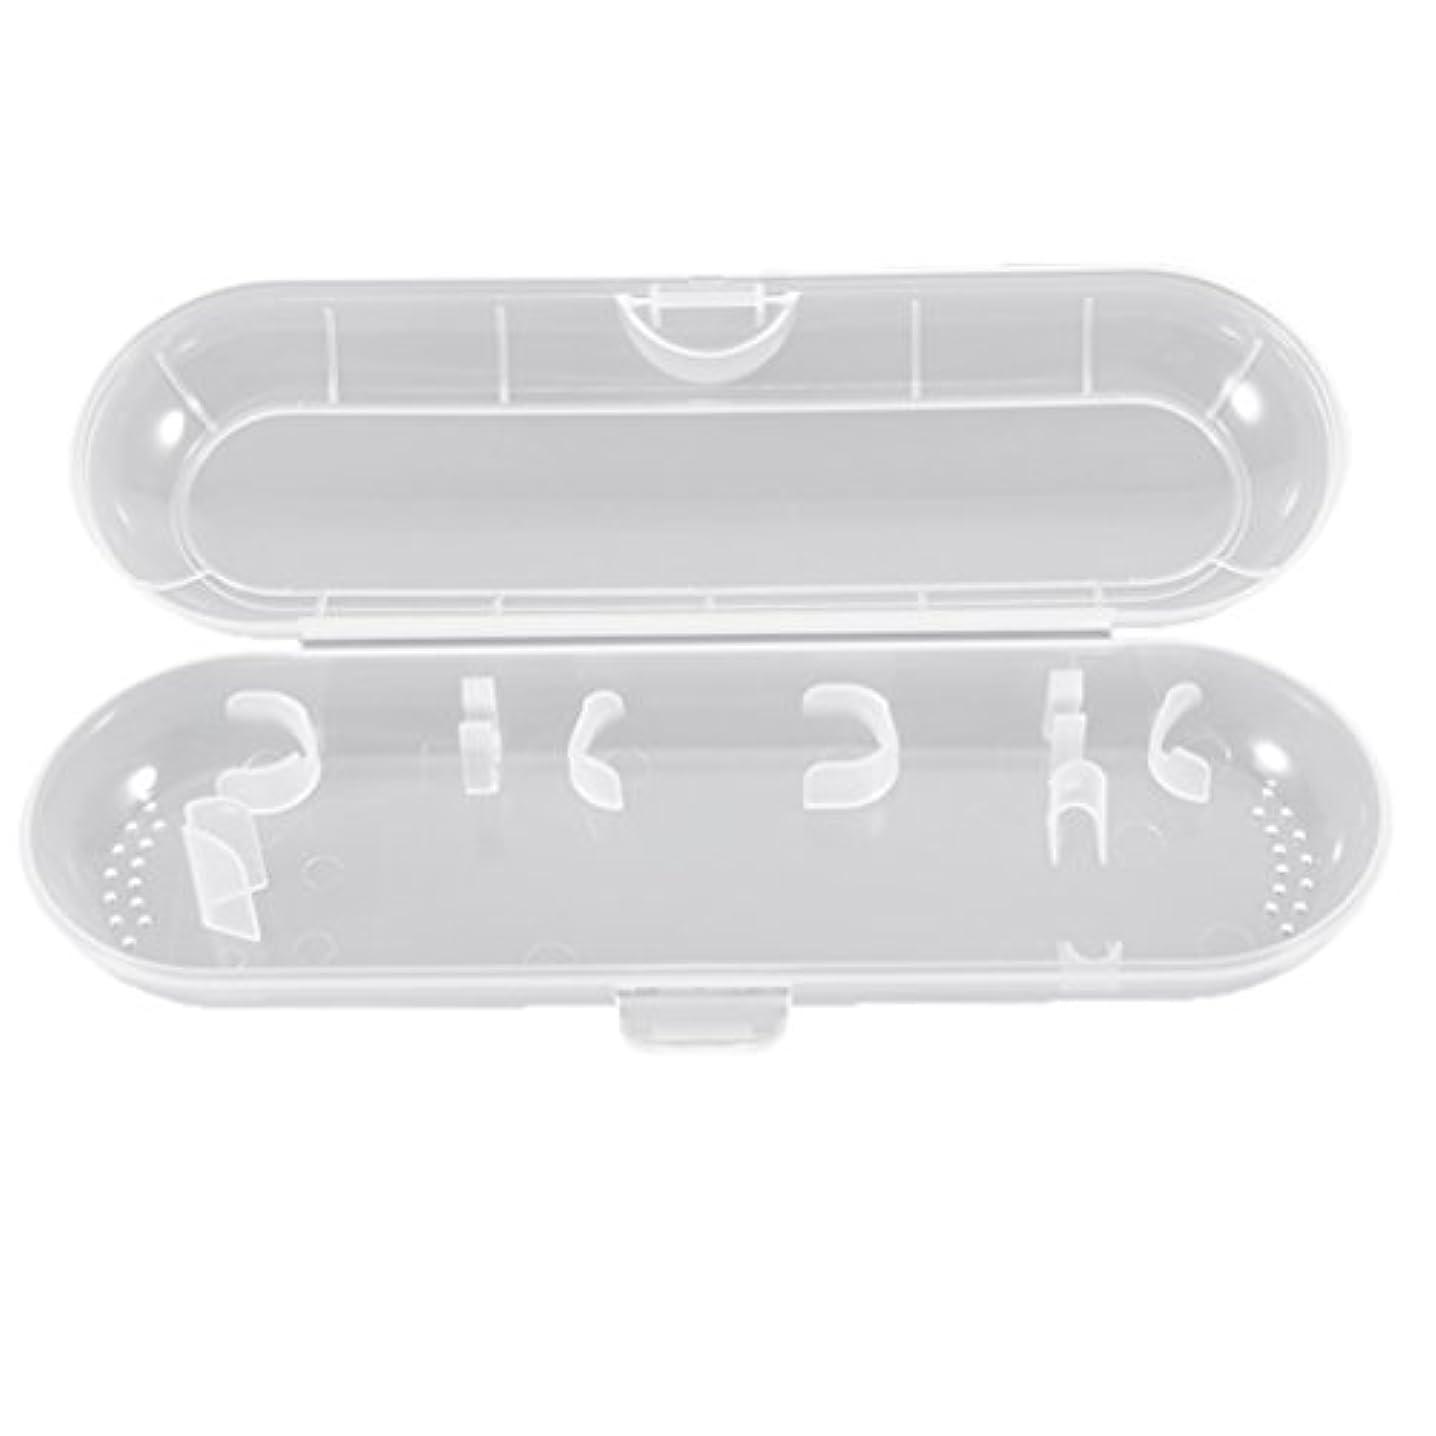 避難思春期の安定Honel 透明 電動歯ブラシ収納ボックス プラスチック 電動歯ブラシケース 収納ケース ブラウン オーラルB対応